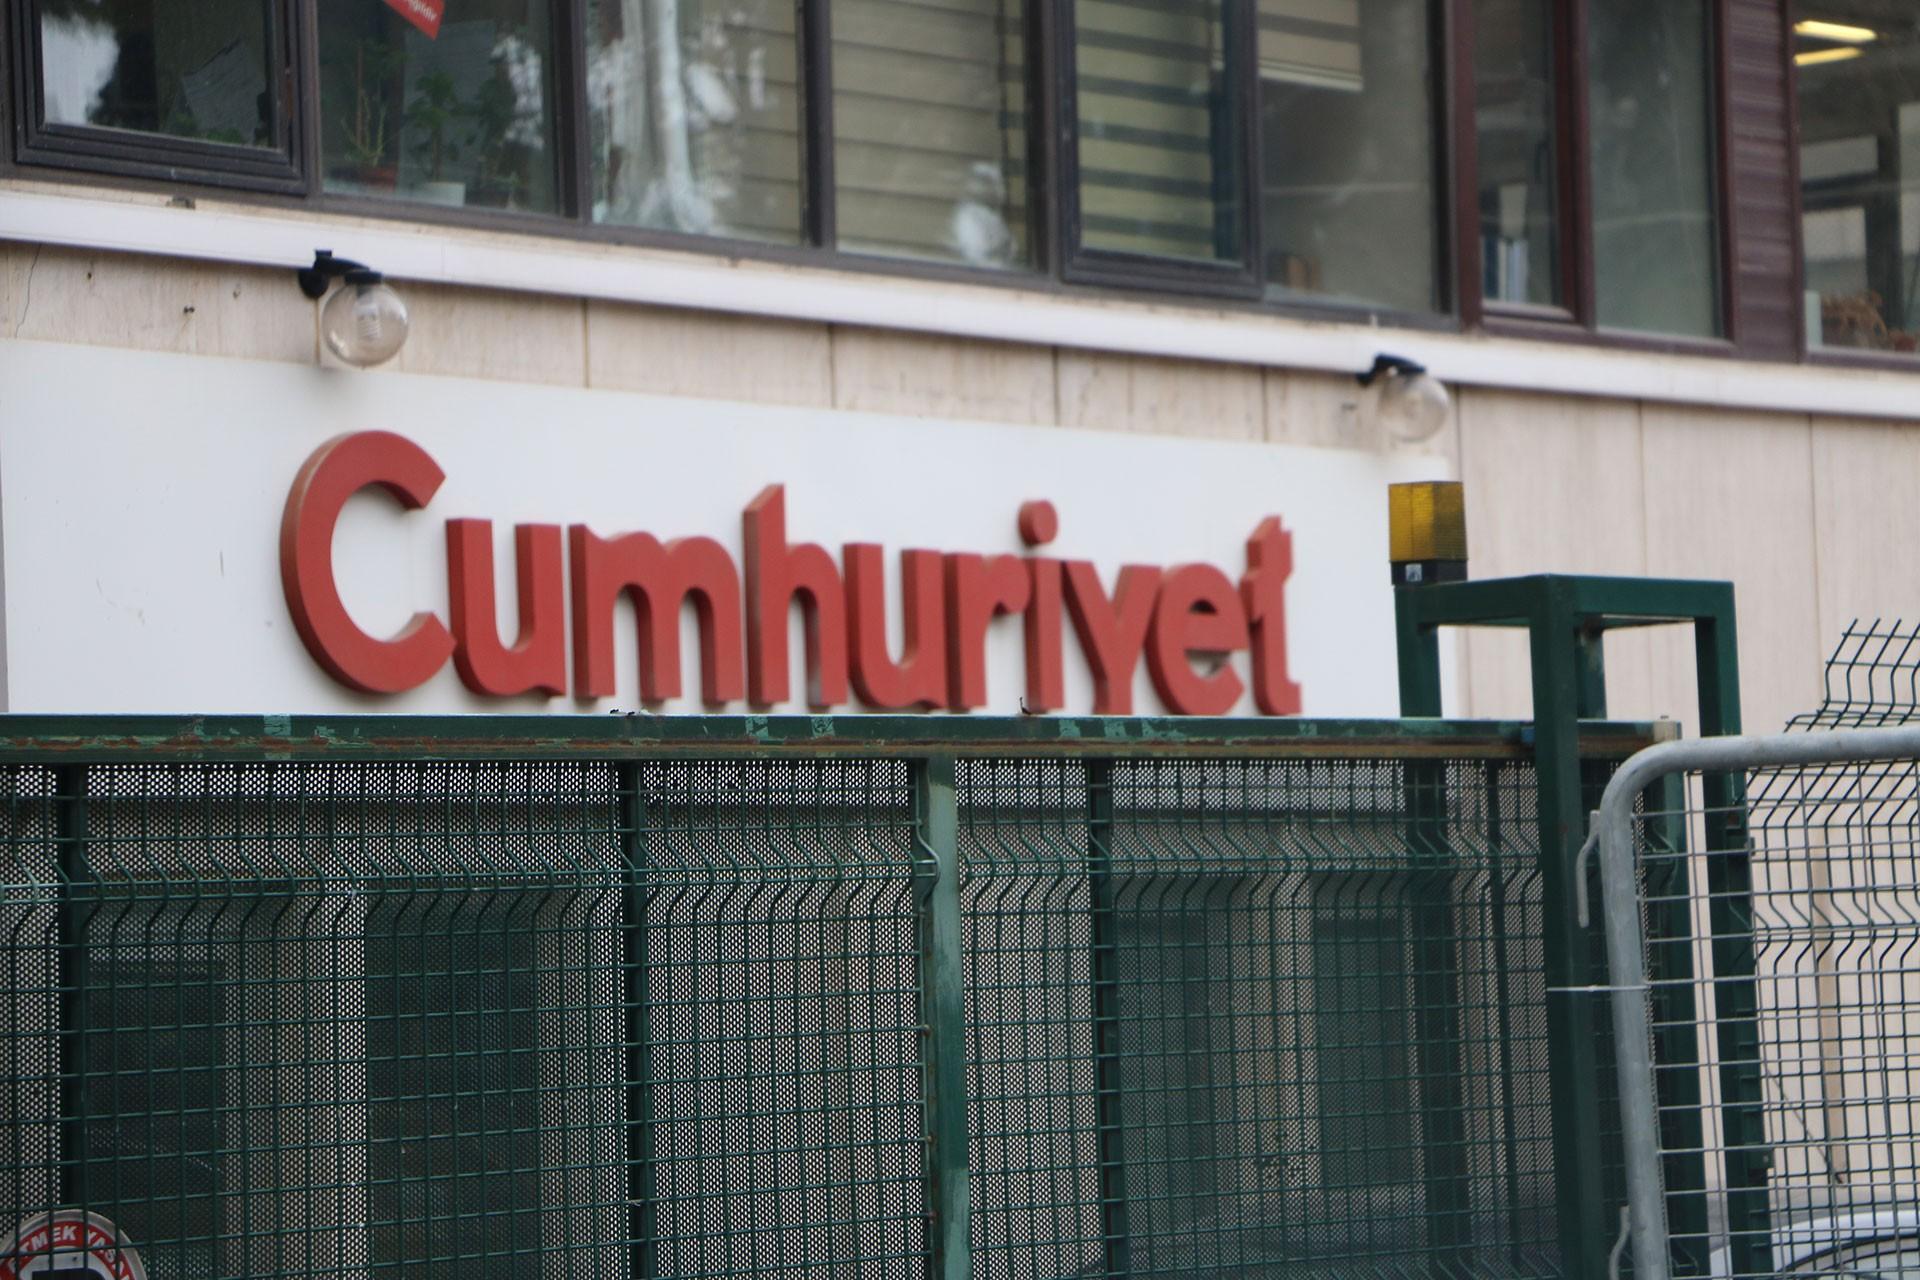 Cumhuriyet+gazetesi+%C3%A7al%C4%B1%C5%9Fanlar%C4%B1ndan+Cumhuriyet+Vakf%C4%B1+y%C3%B6netimine+mektup